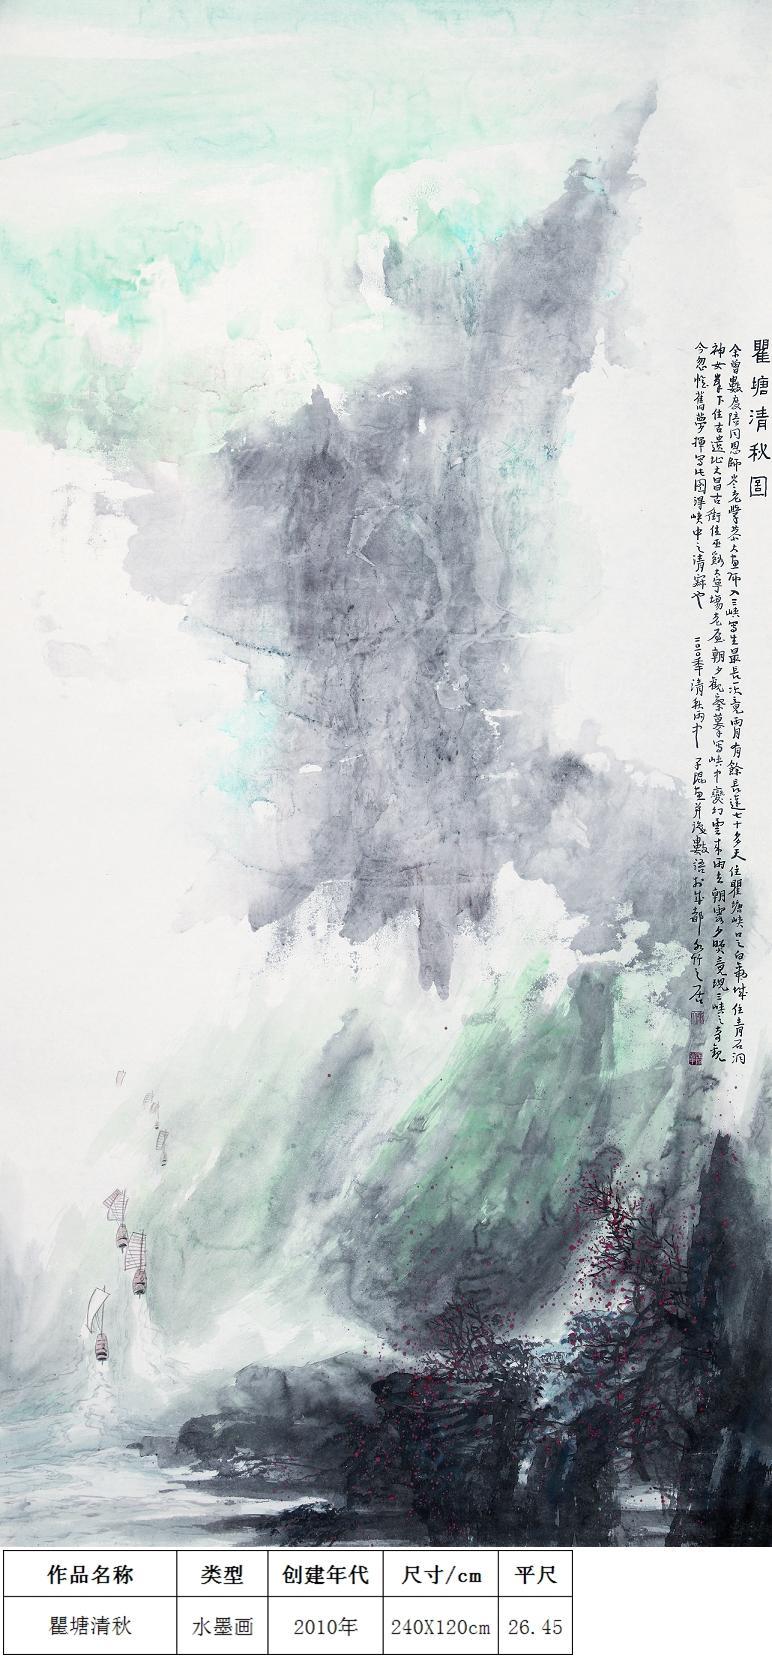 叶瑞琨-瞿塘清秋